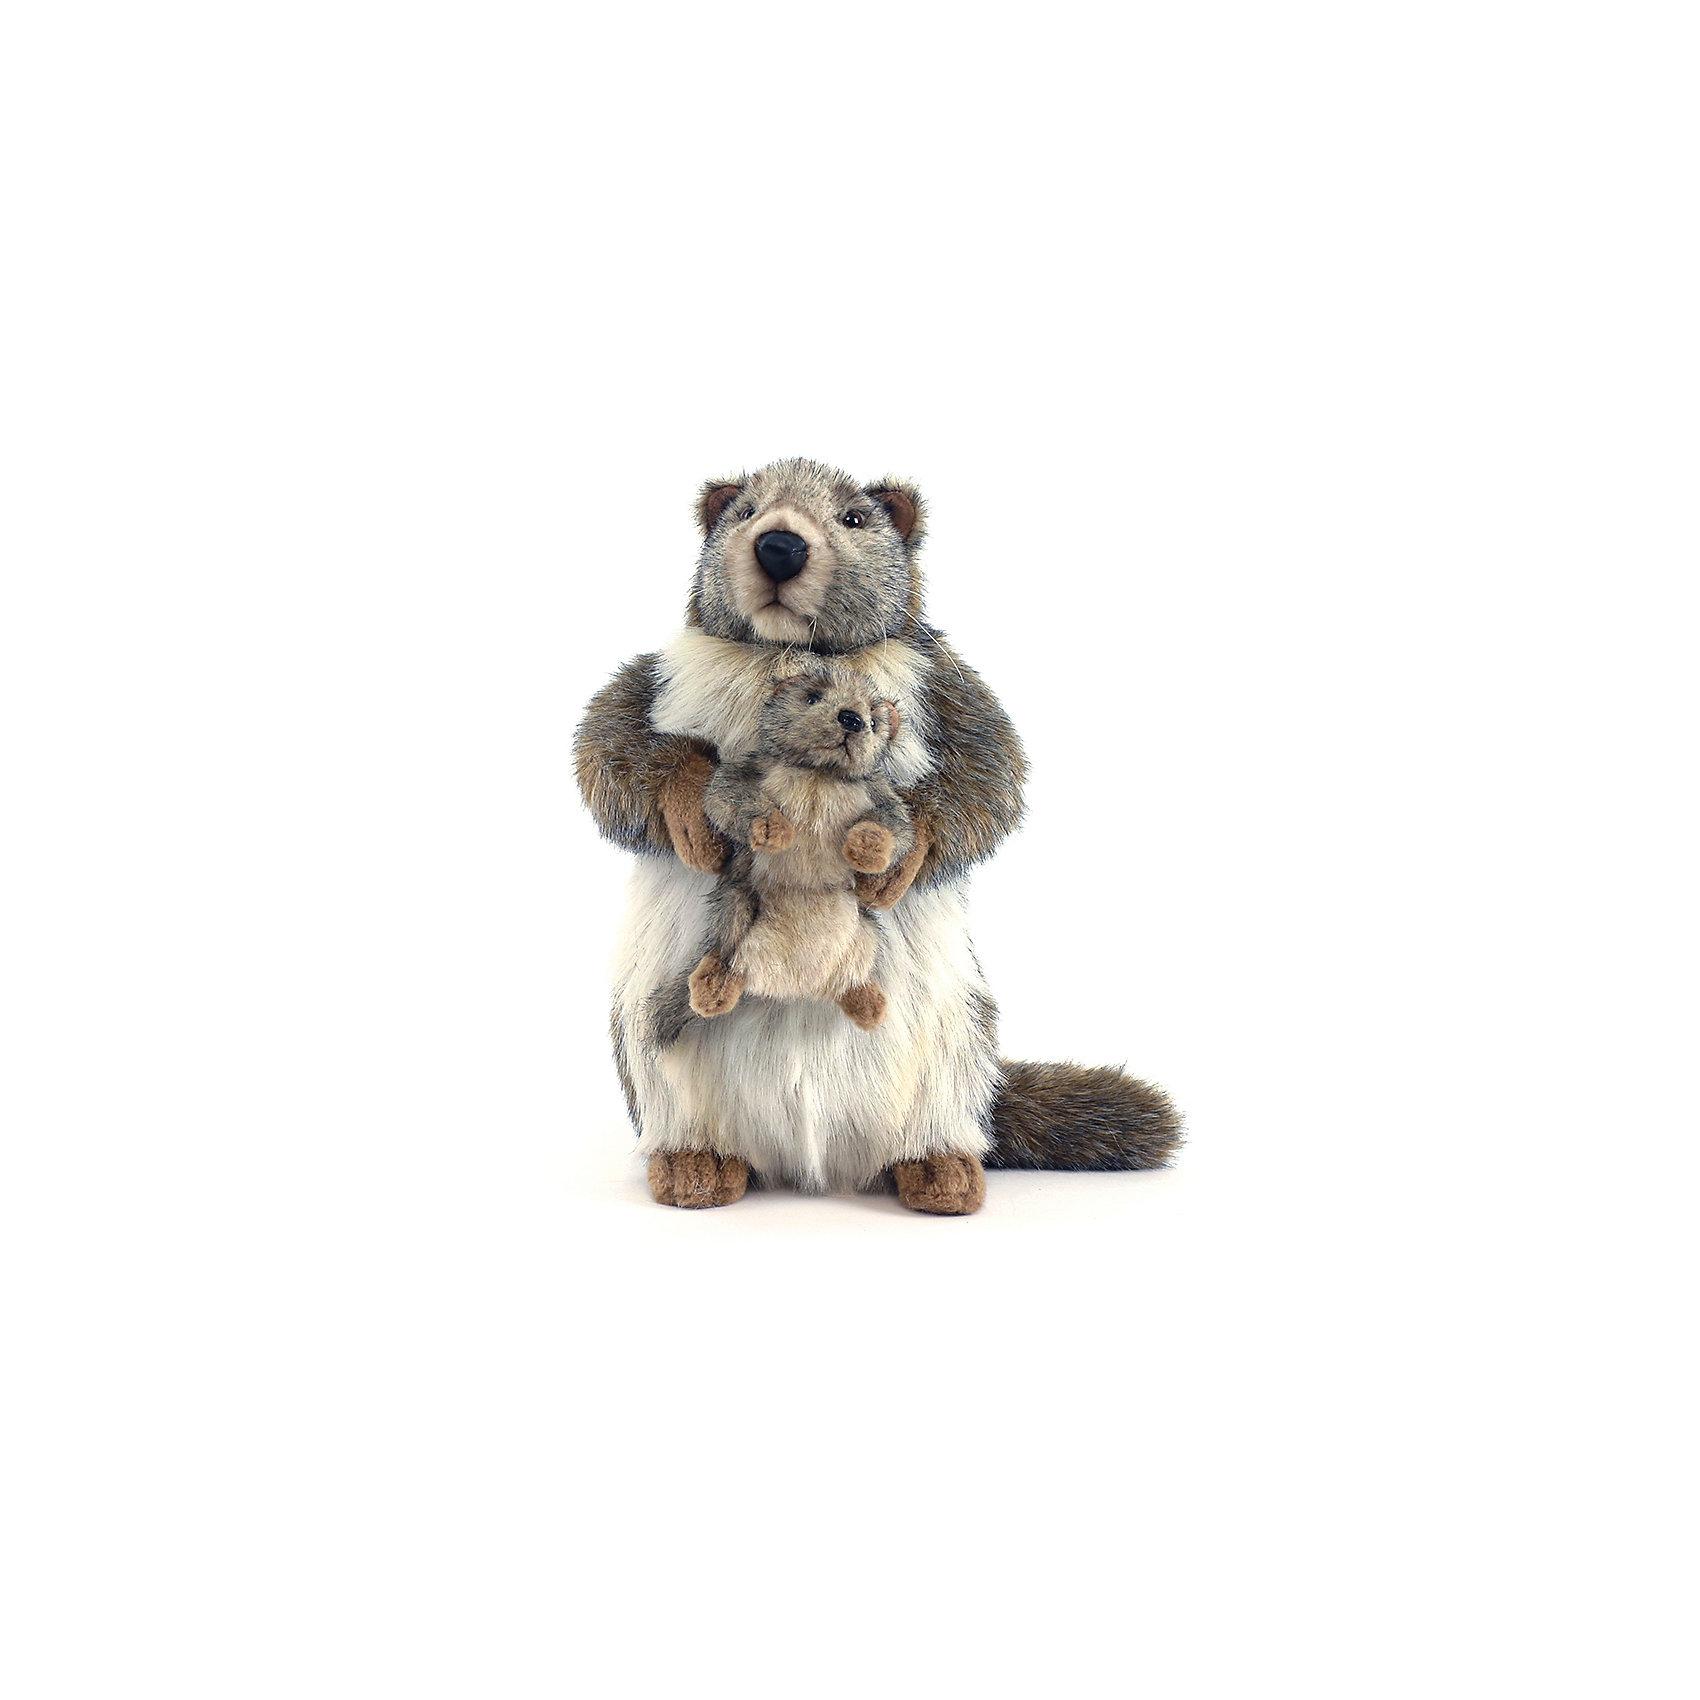 Мягкая игрушка Hansa Сурок с детенышем, 35 смМягкие игрушки животные<br>Характеристики товара:<br><br>• возраст: от 3 лет;<br>• материал: искусственный мех;<br>• высота игрушки: 35 см;<br>• размер упаковки: 35х33х23 см;<br>• вес упаковки: 260 гр.;<br>• страна производитель: Филиппины.<br><br>Мягкая игрушка Сурок с детенышем Hansa 35 см — пушистая мама-сурок, которая держит в лапках своего детеныша. Игрушку можно брать с собой на прогулку, в детский садик, в гости и устраивать вместе с друзьями веселые игры. <br><br>Внутри проходит титановый каркас, который позволяет менять положение лап, туловища, поворачивать голову. Игрушка сделана из качественных безопасных материалов.<br><br>Мягкую игрушку Сурок с детенышем Hansa 35 см можно приобрести в нашем интернет-магазине.<br><br>Ширина мм: 230<br>Глубина мм: 330<br>Высота мм: 350<br>Вес г: 260<br>Возраст от месяцев: 36<br>Возраст до месяцев: 2147483647<br>Пол: Унисекс<br>Возраст: Детский<br>SKU: 6680733